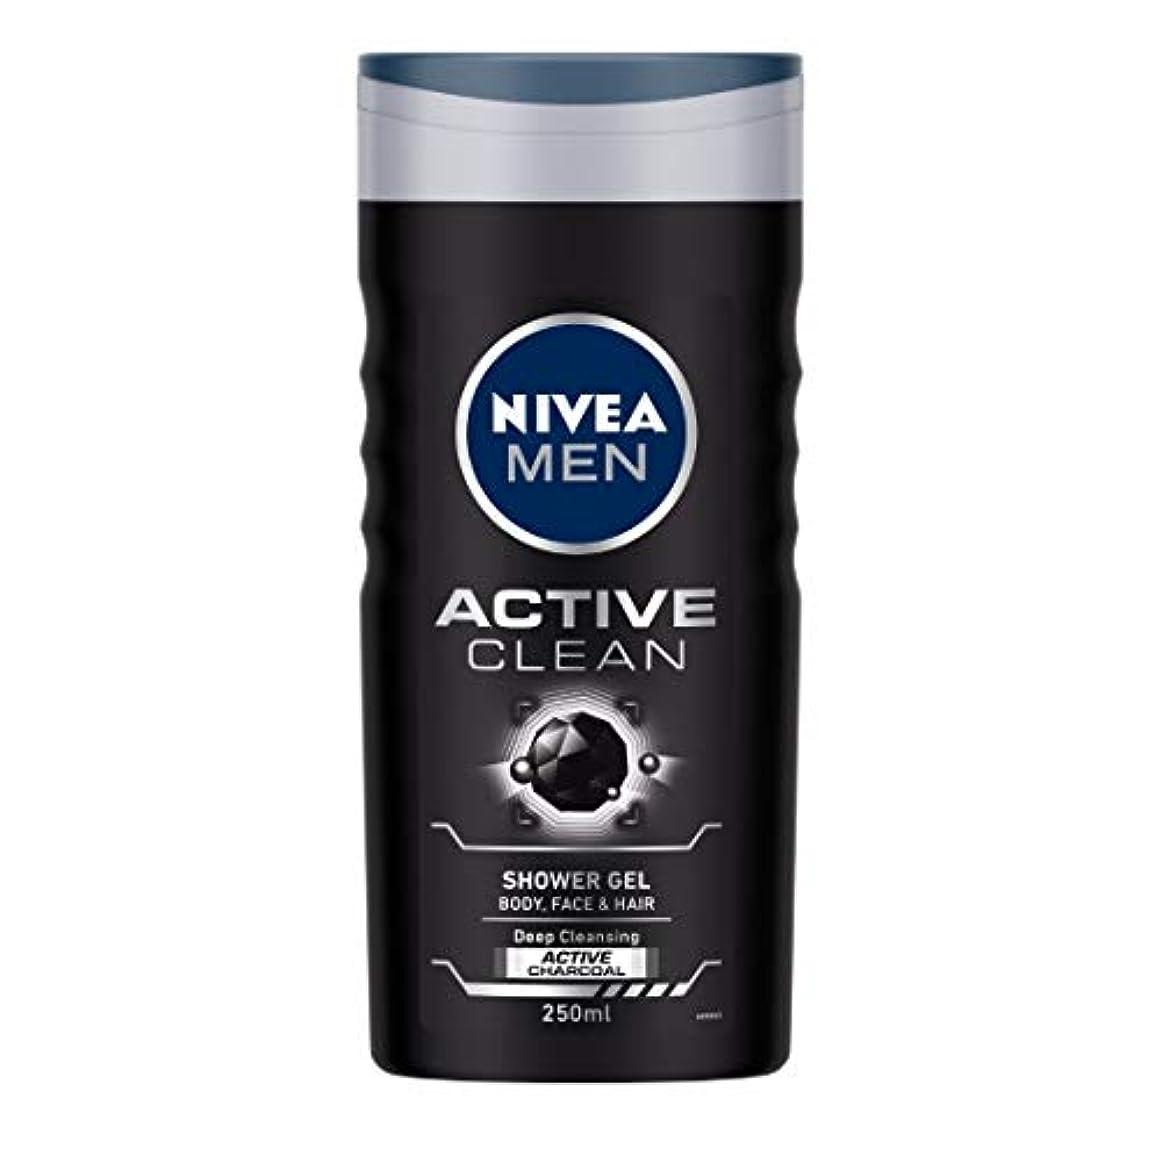 羽理由掘るNivea Men Active Clean Shower Gel, 250ml